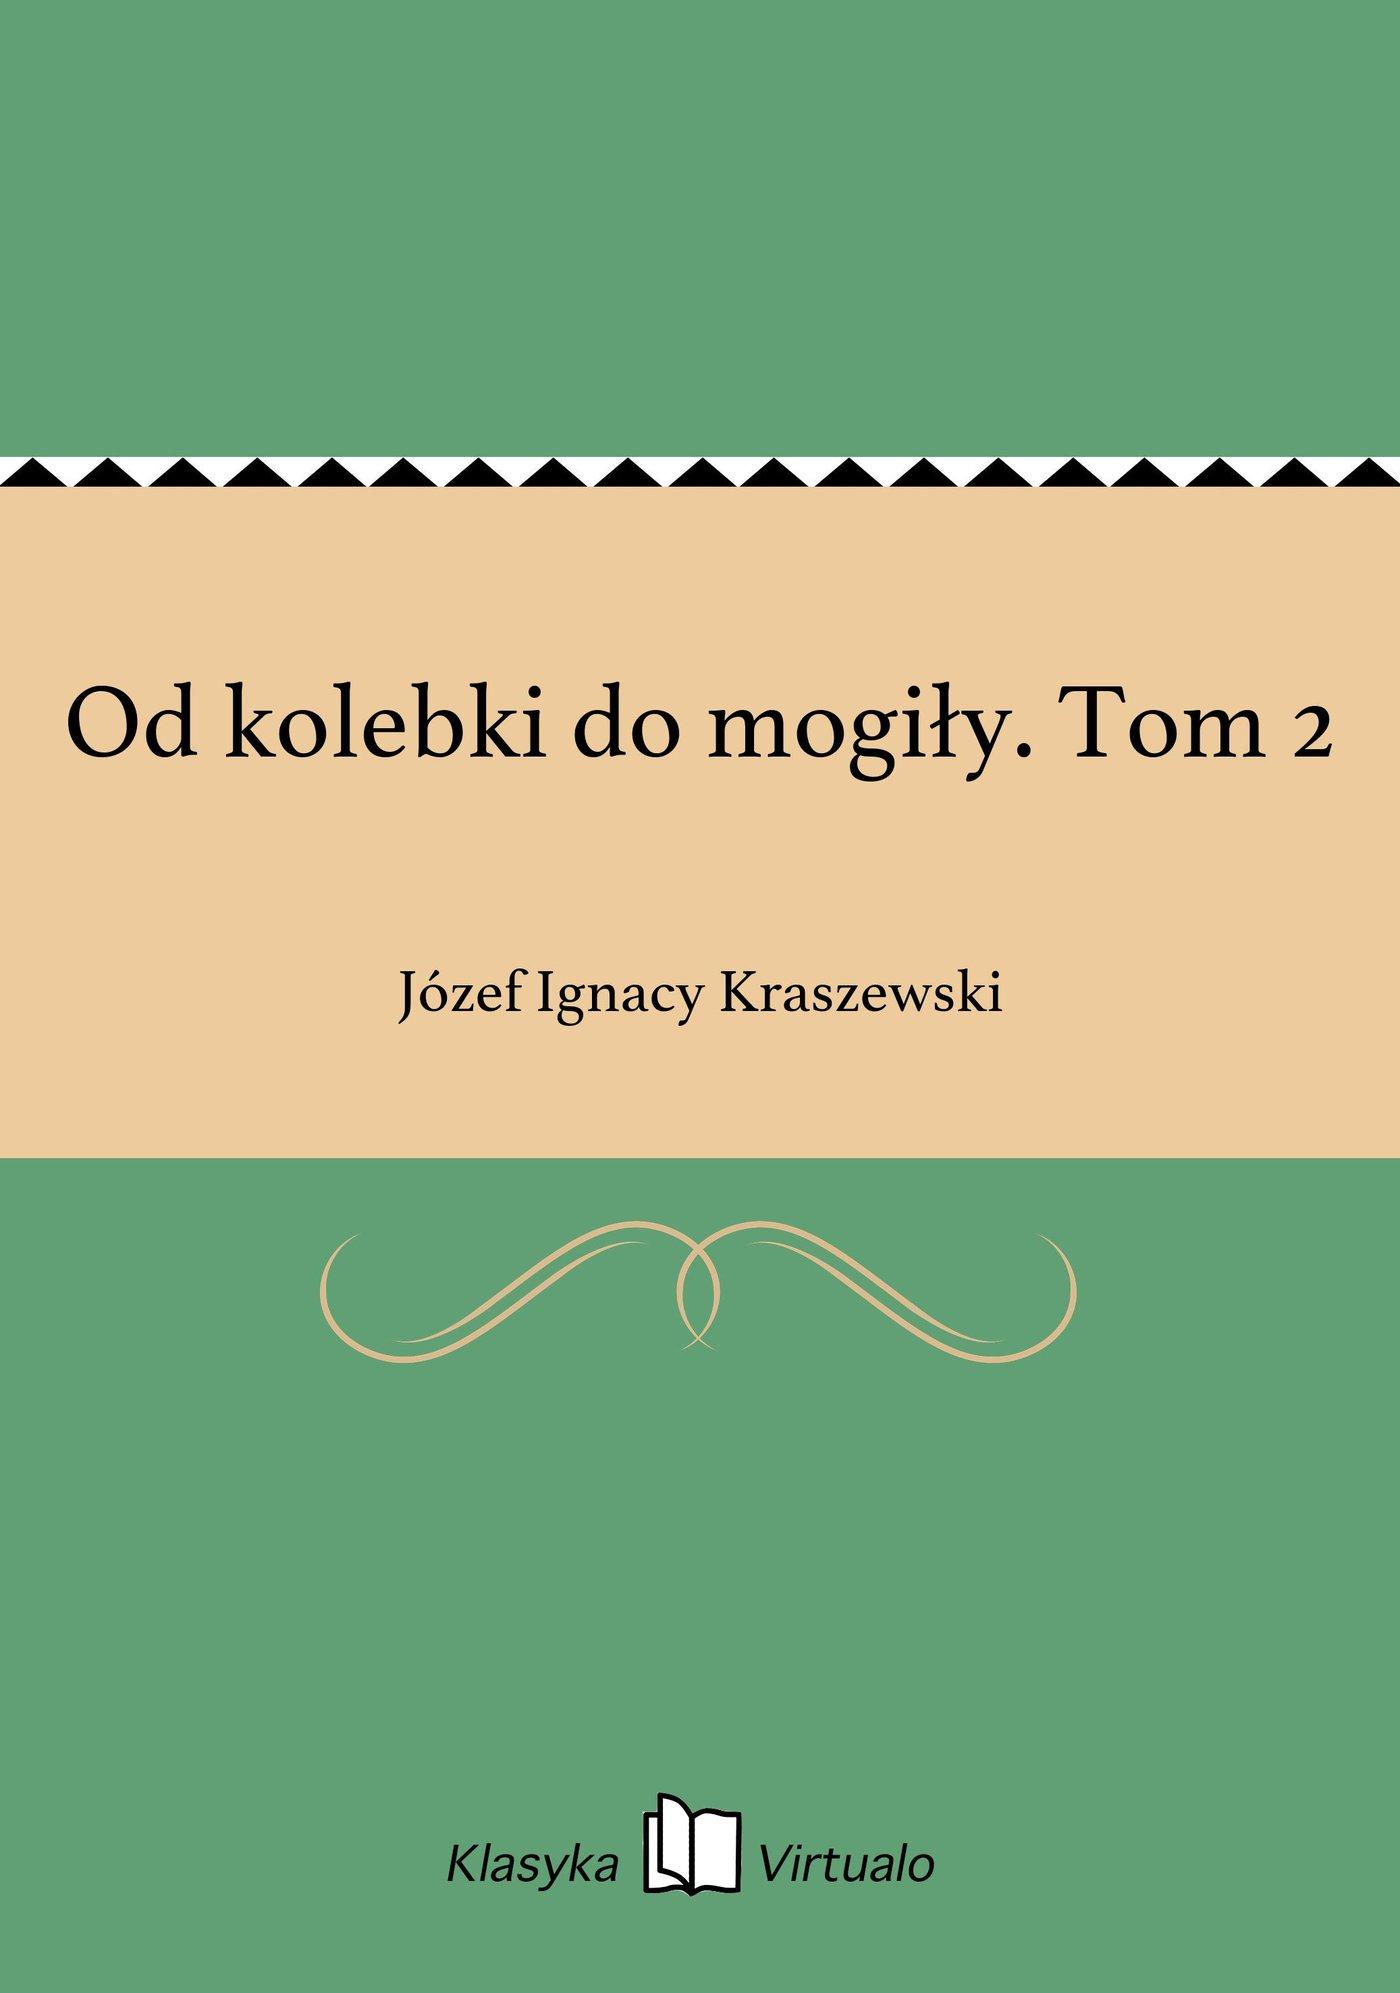 Od kolebki do mogiły. Tom 2 - Ebook (Książka EPUB) do pobrania w formacie EPUB